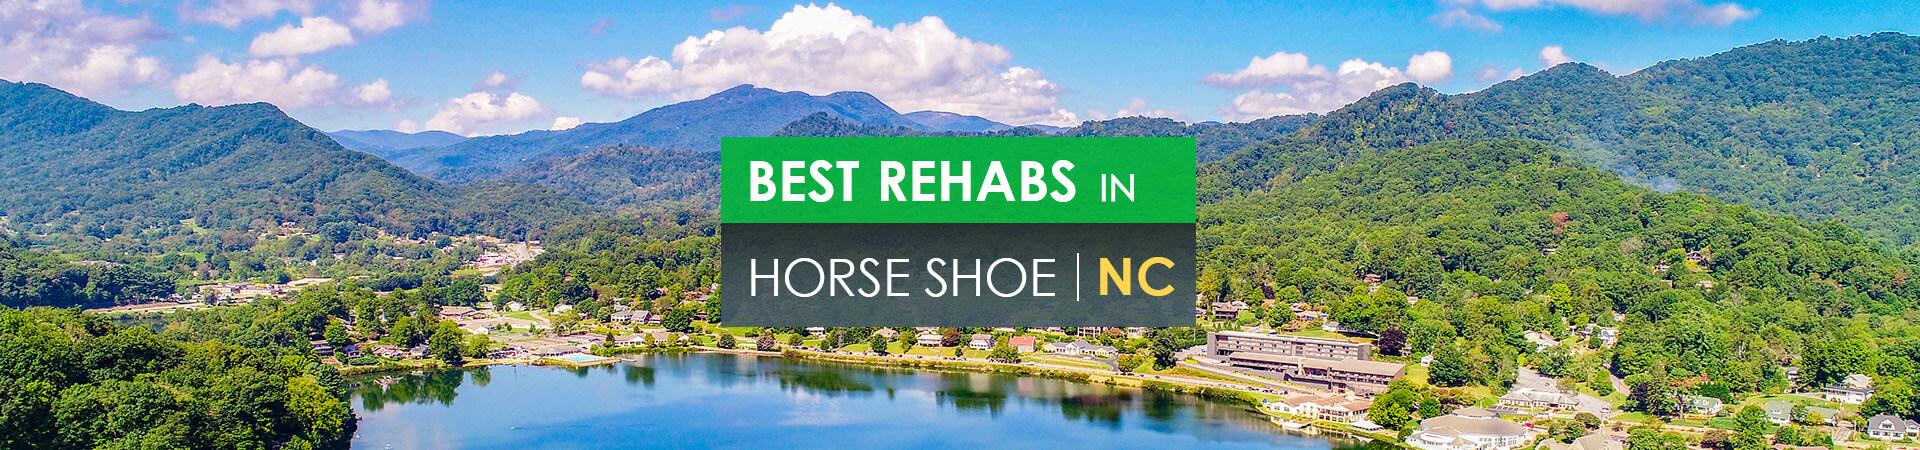 Best rehabs in Horse Shoe, NC